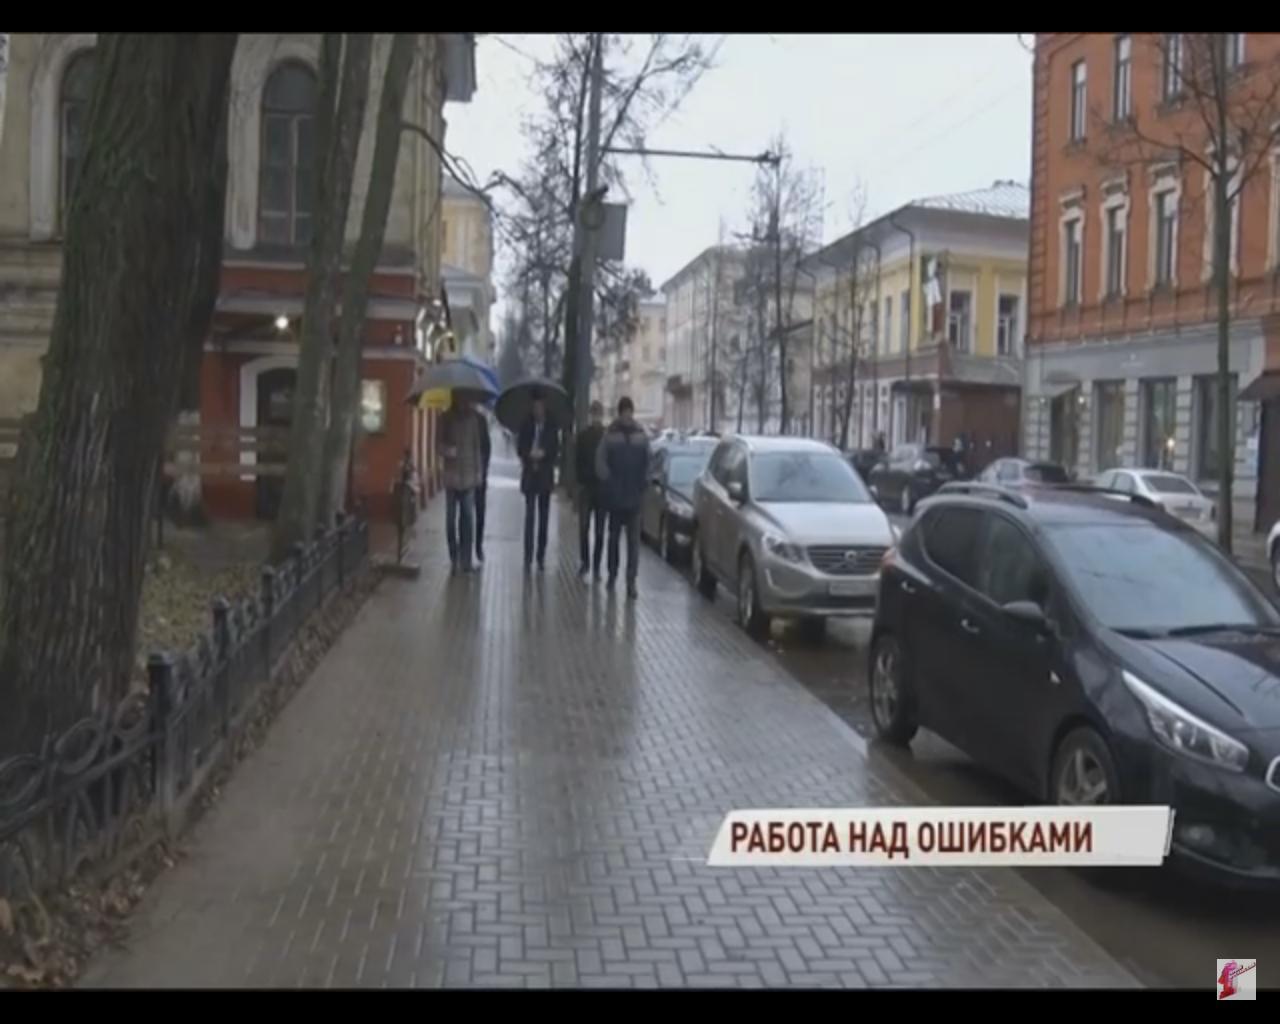 Подрядчик Республиканской улицы в Ярославле должен исправить все замечания до 10 ноября